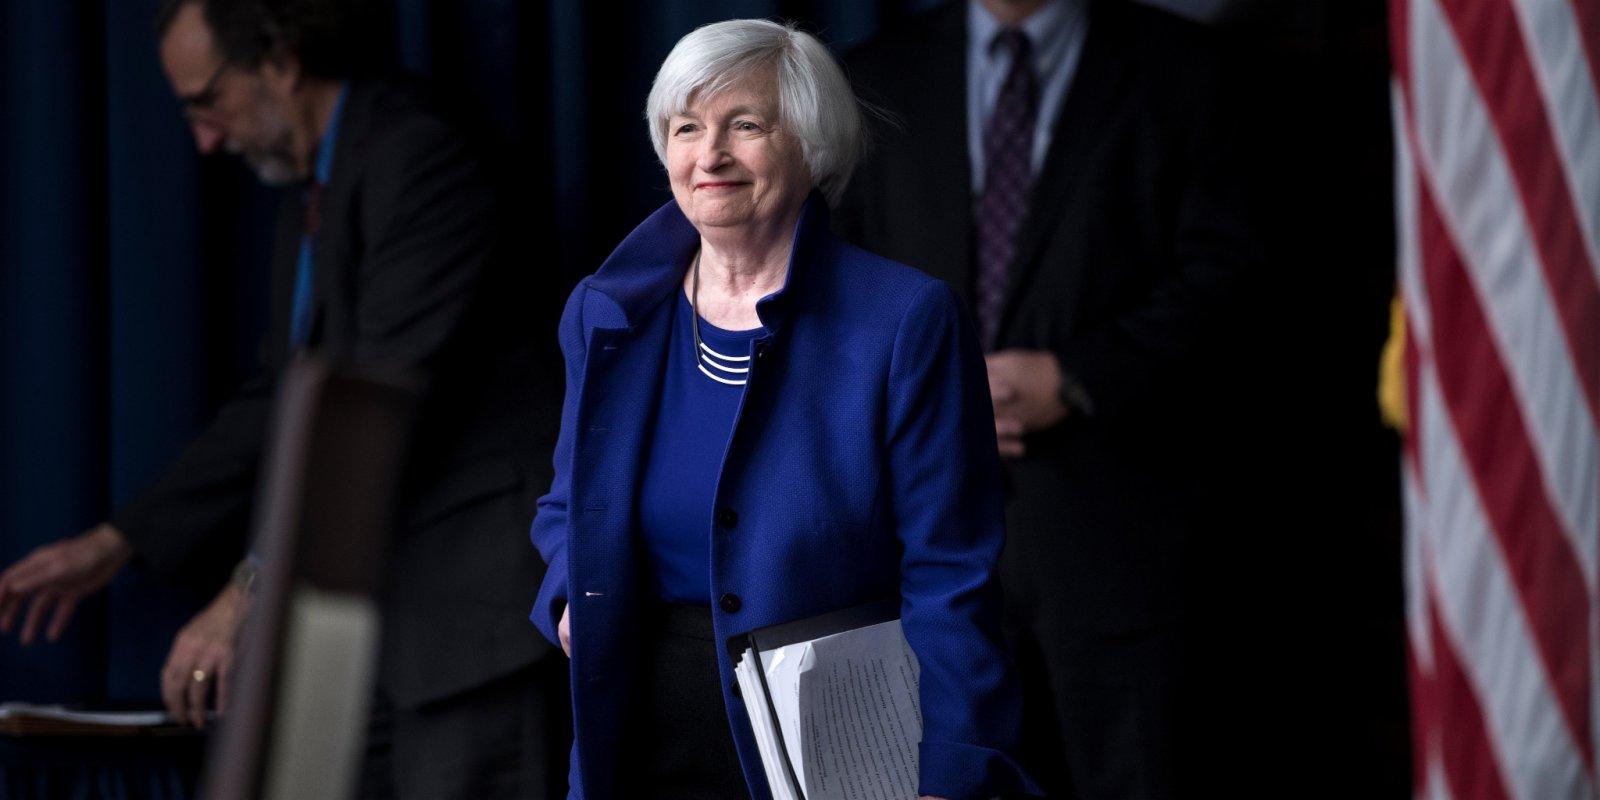 利率處紀錄低位 美或將舉債推大規模刺激計劃